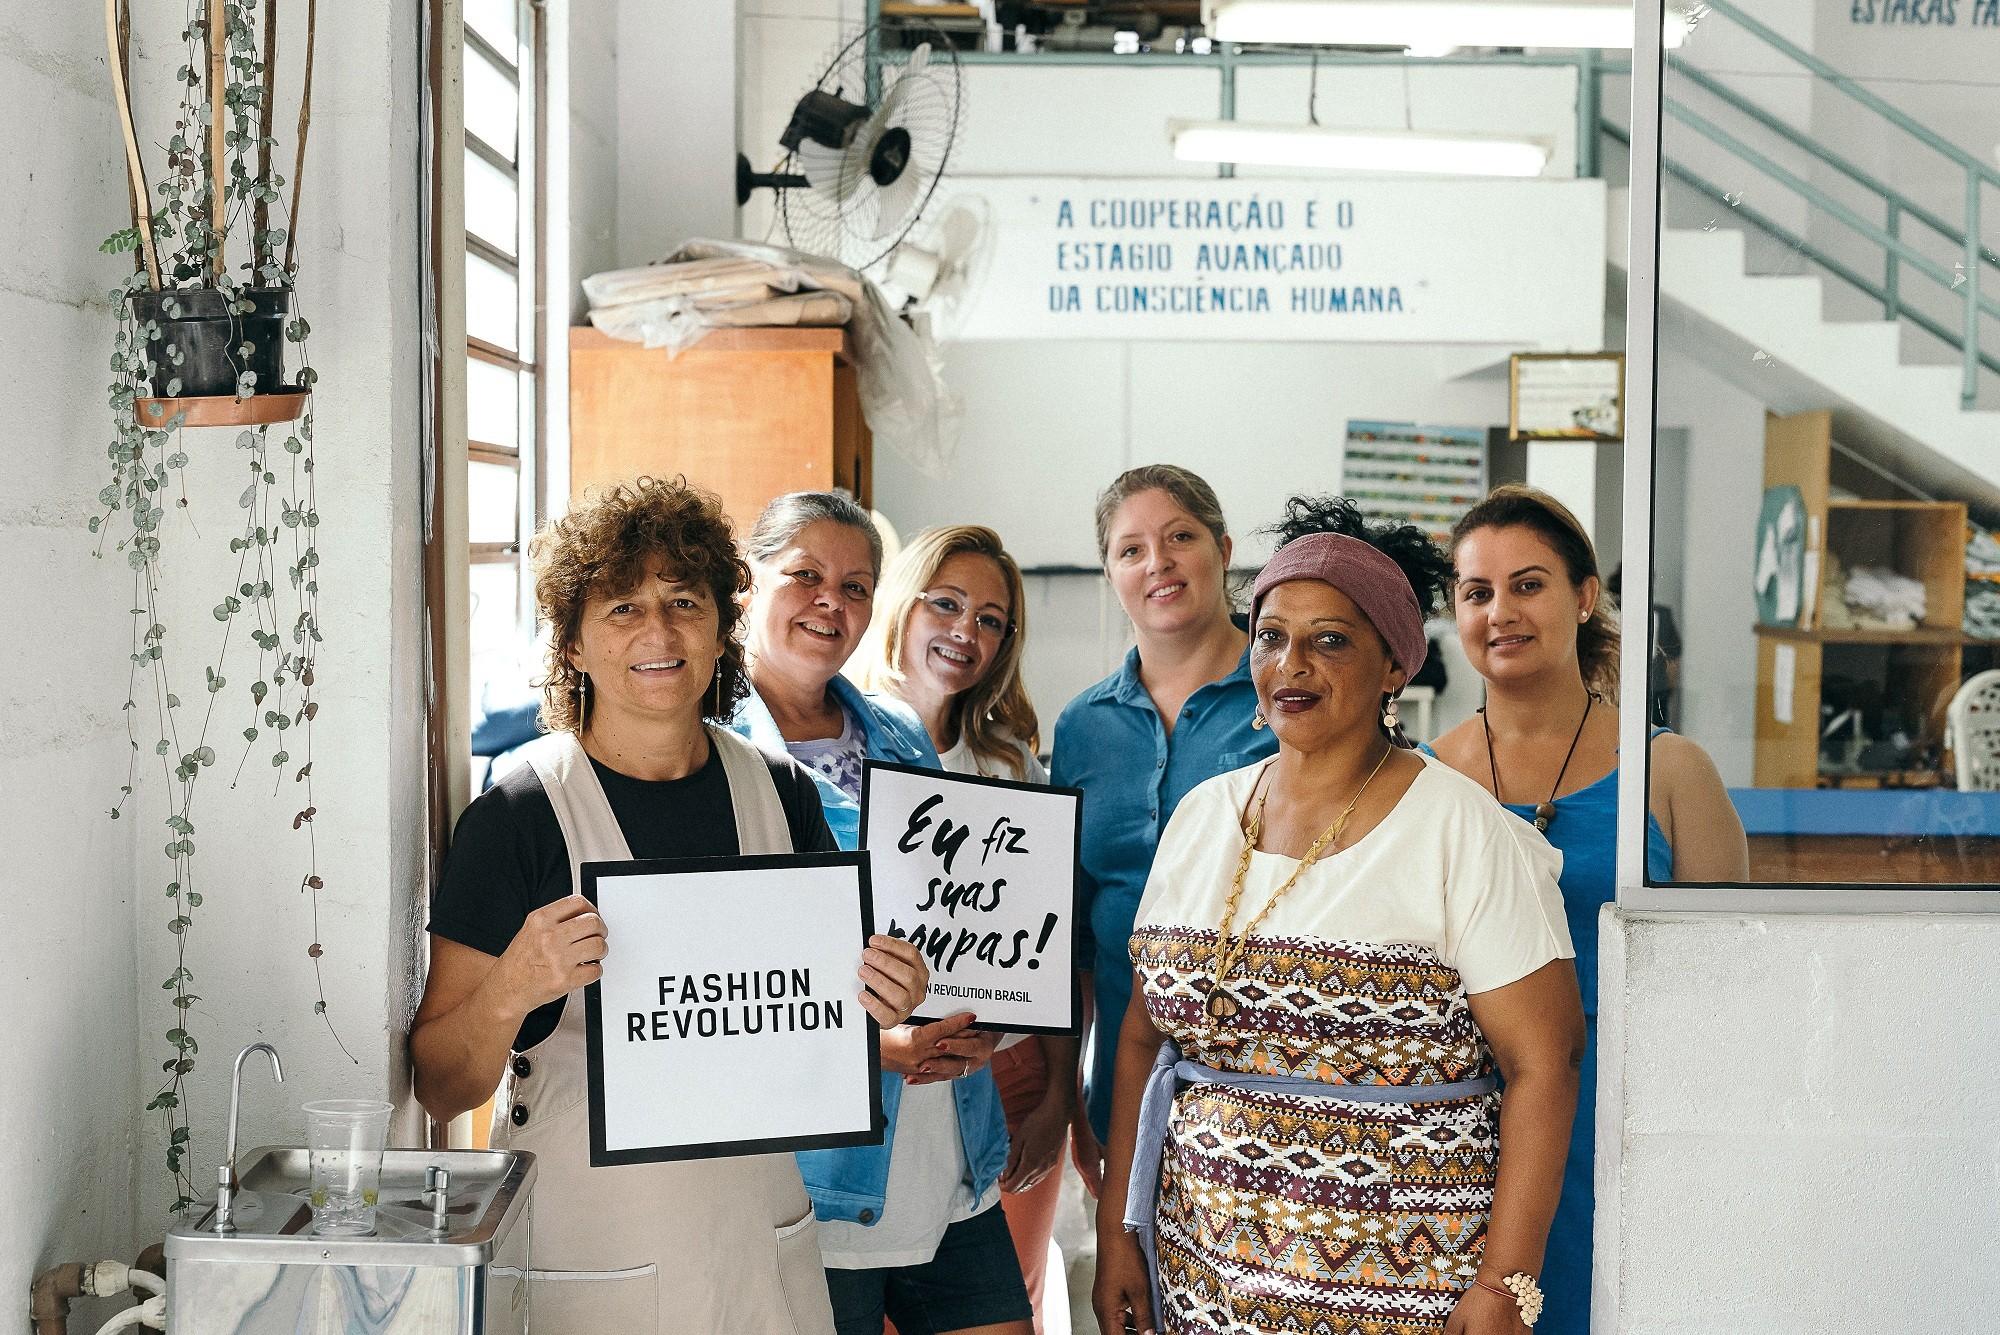 Semana Fashion Revolution traz debates sobre moda sustentável e consumo consciente a Porto Alegre